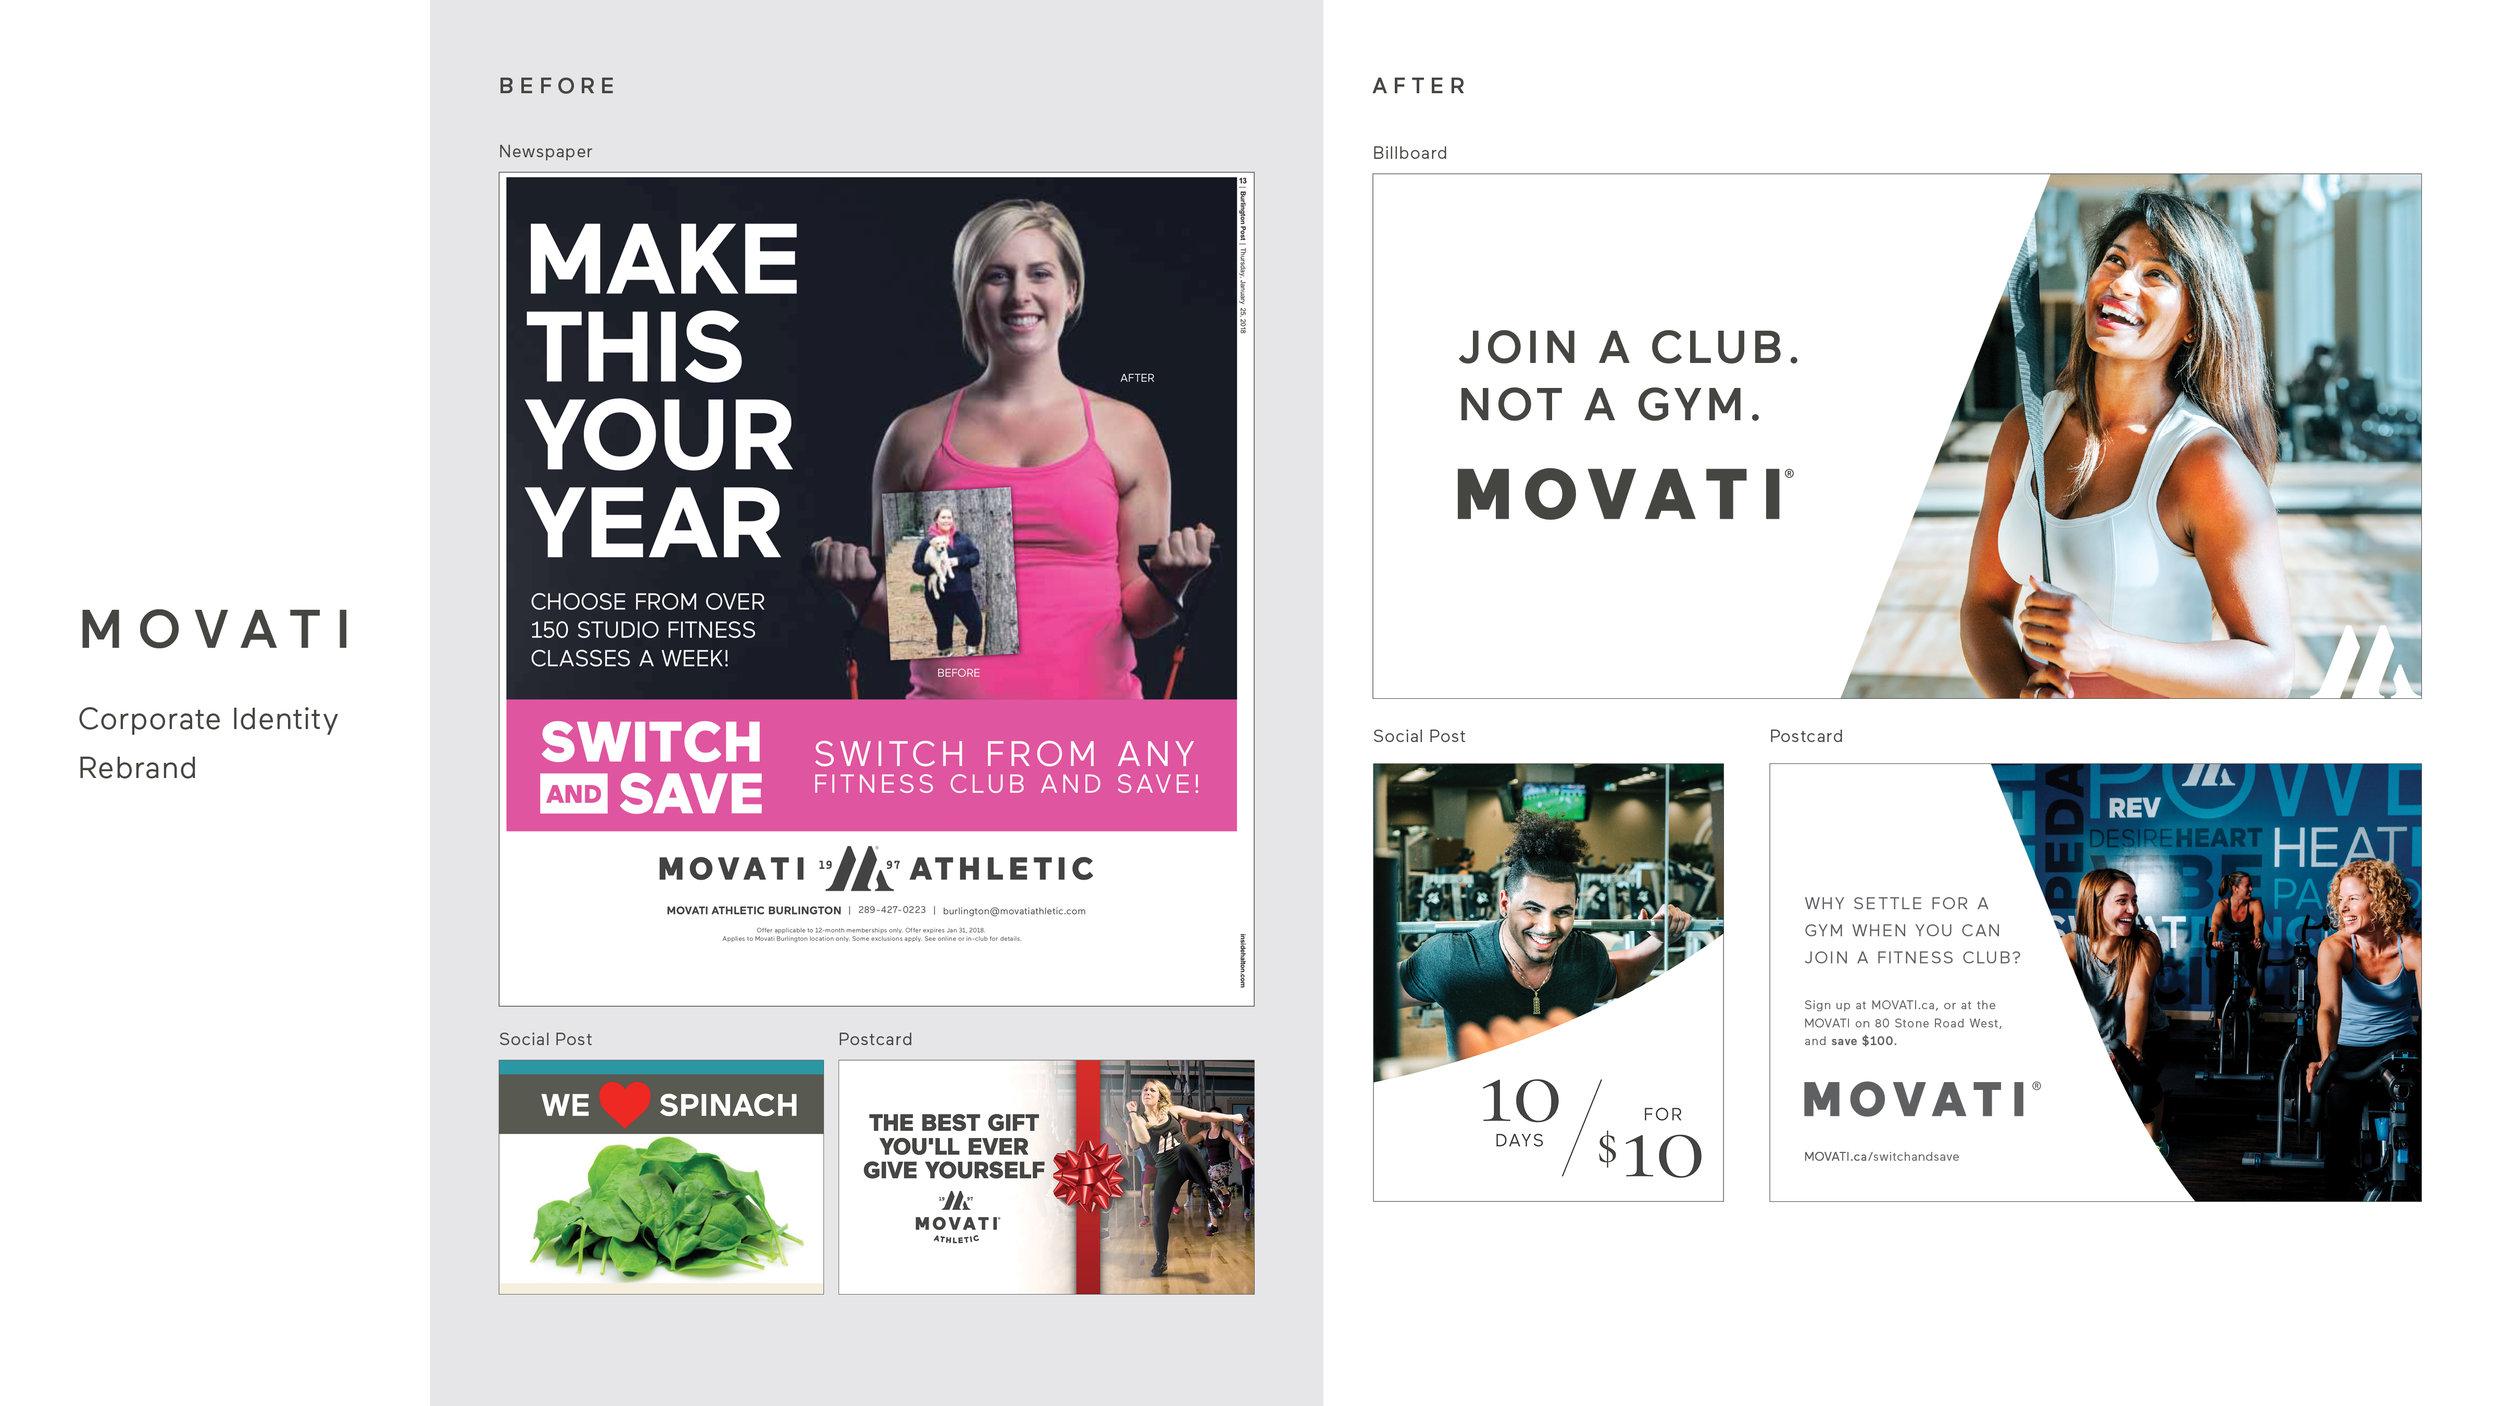 Movati_AwardsBoards_MarketingAwards.jpg